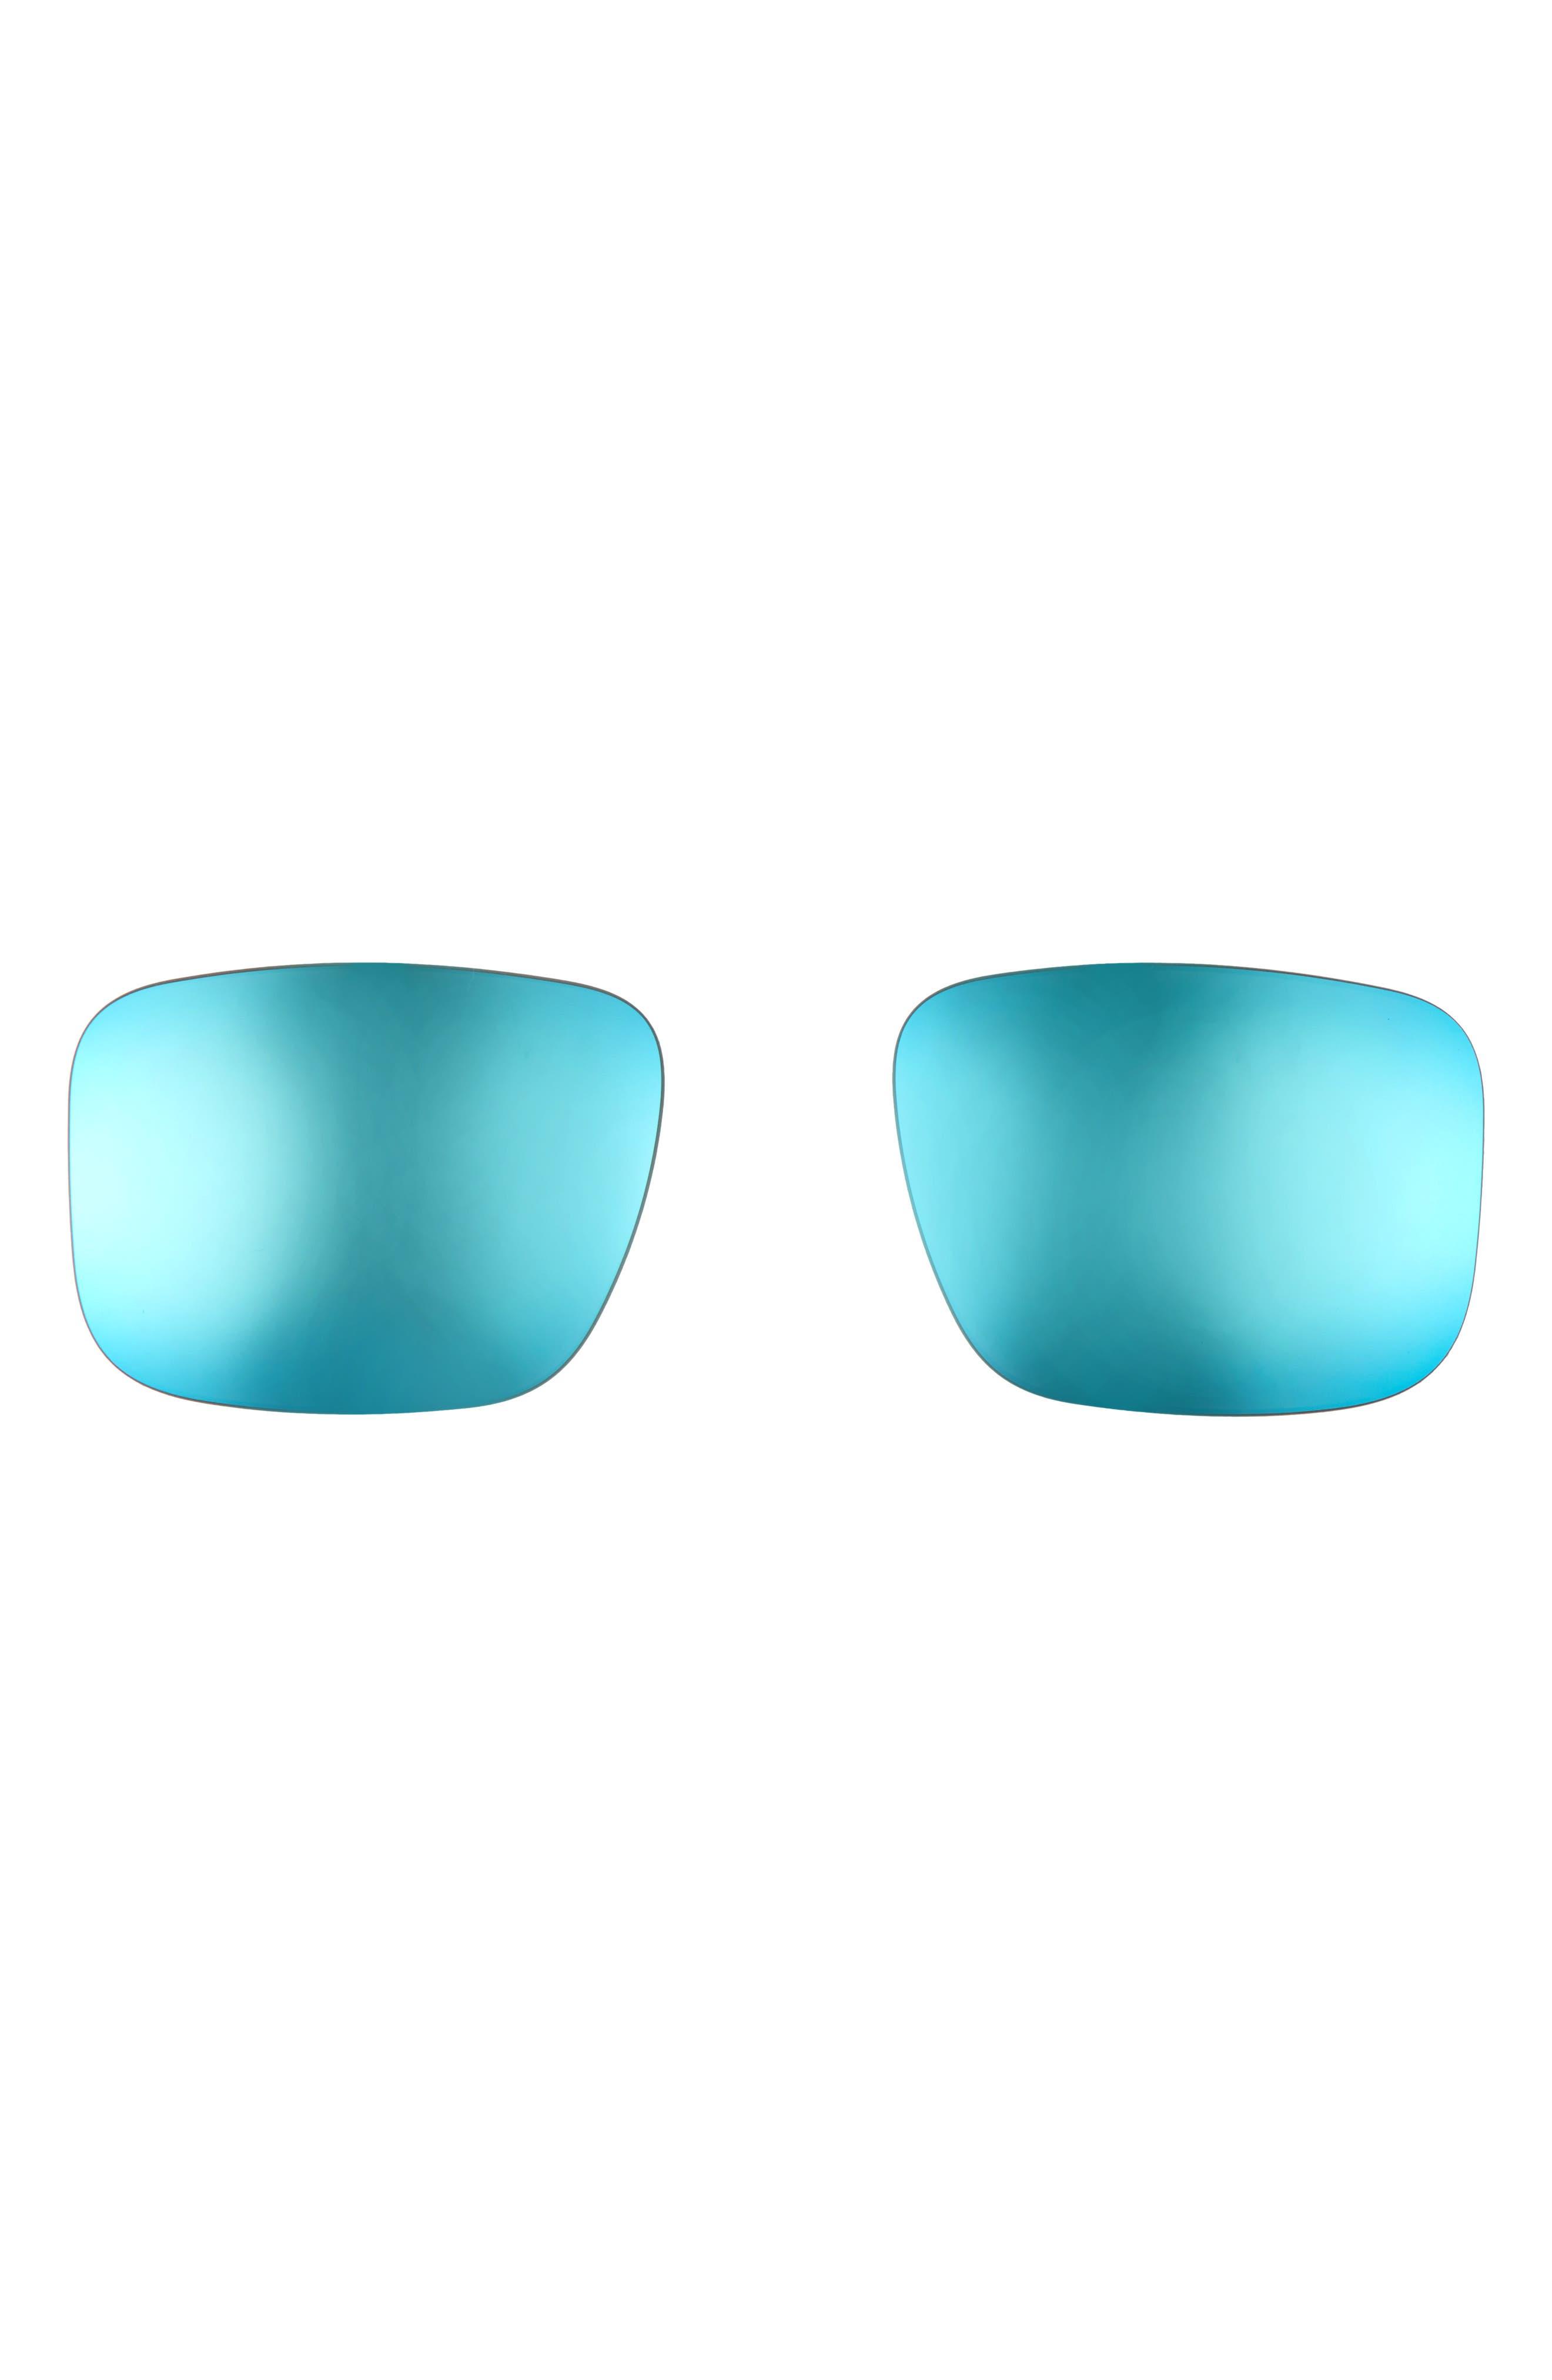 Men's Bose Frames Tenor Lenses